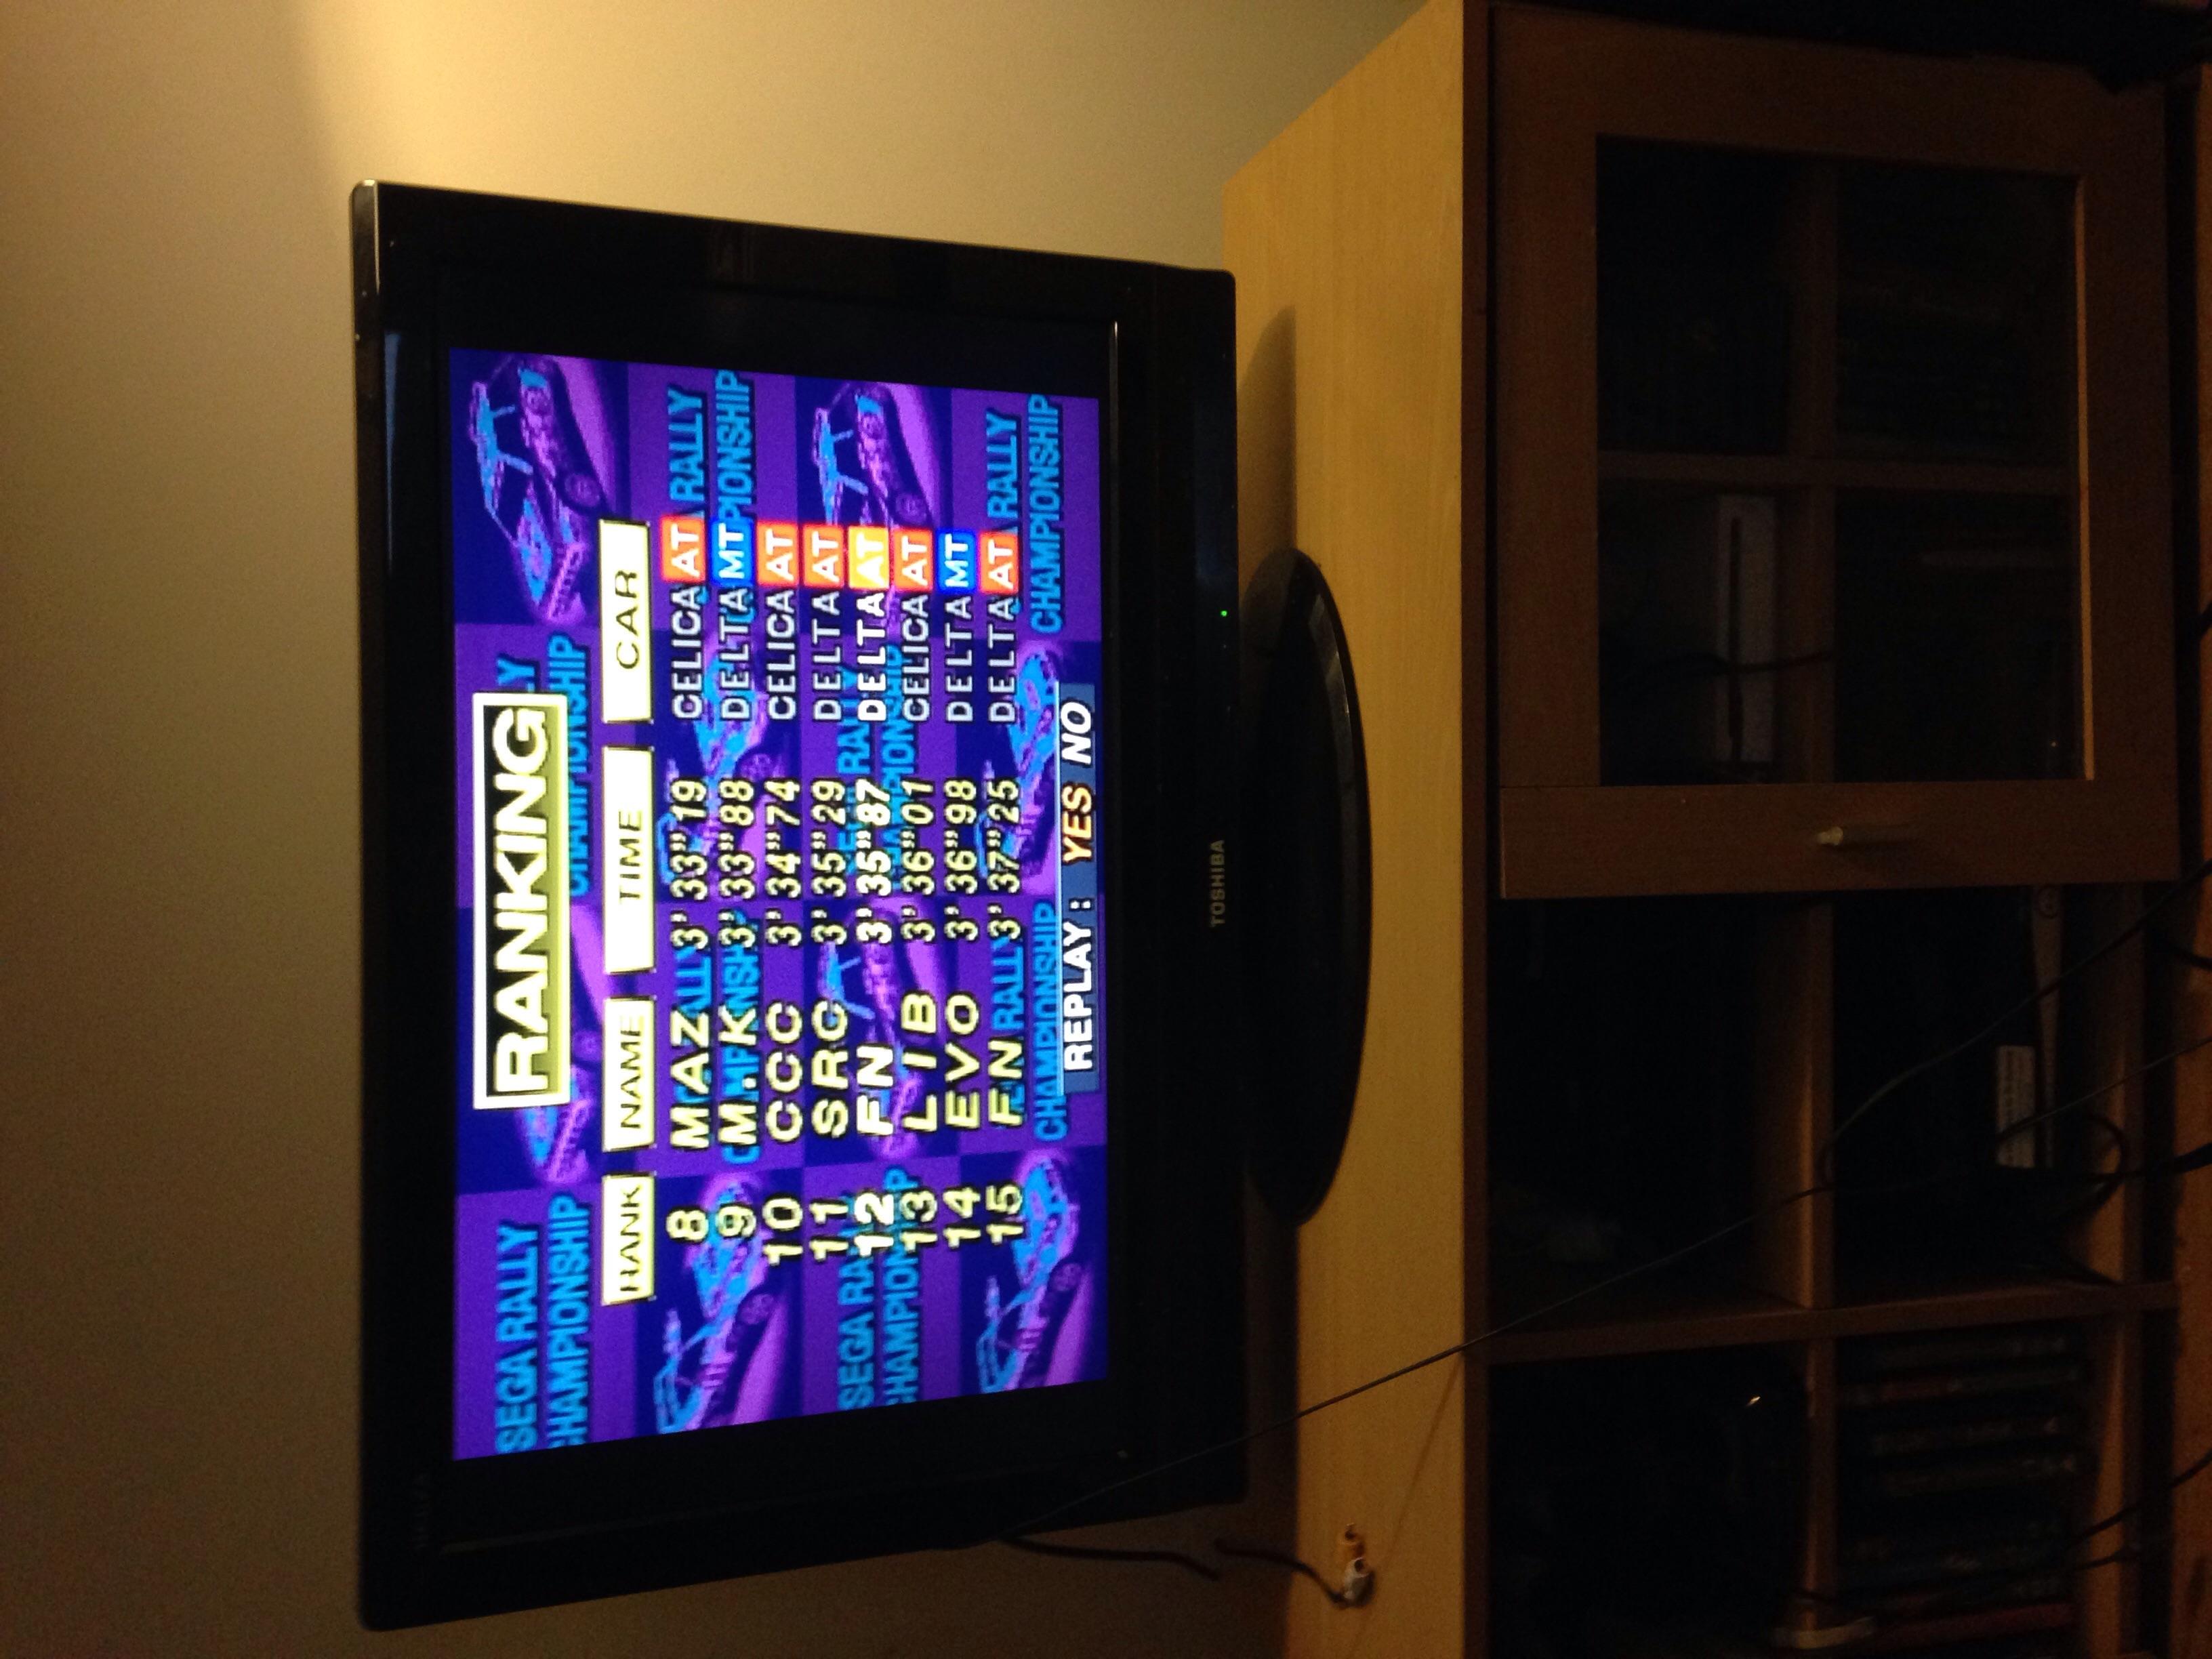 Sega Rally Championship [Arcade] time of 0:03:35.87